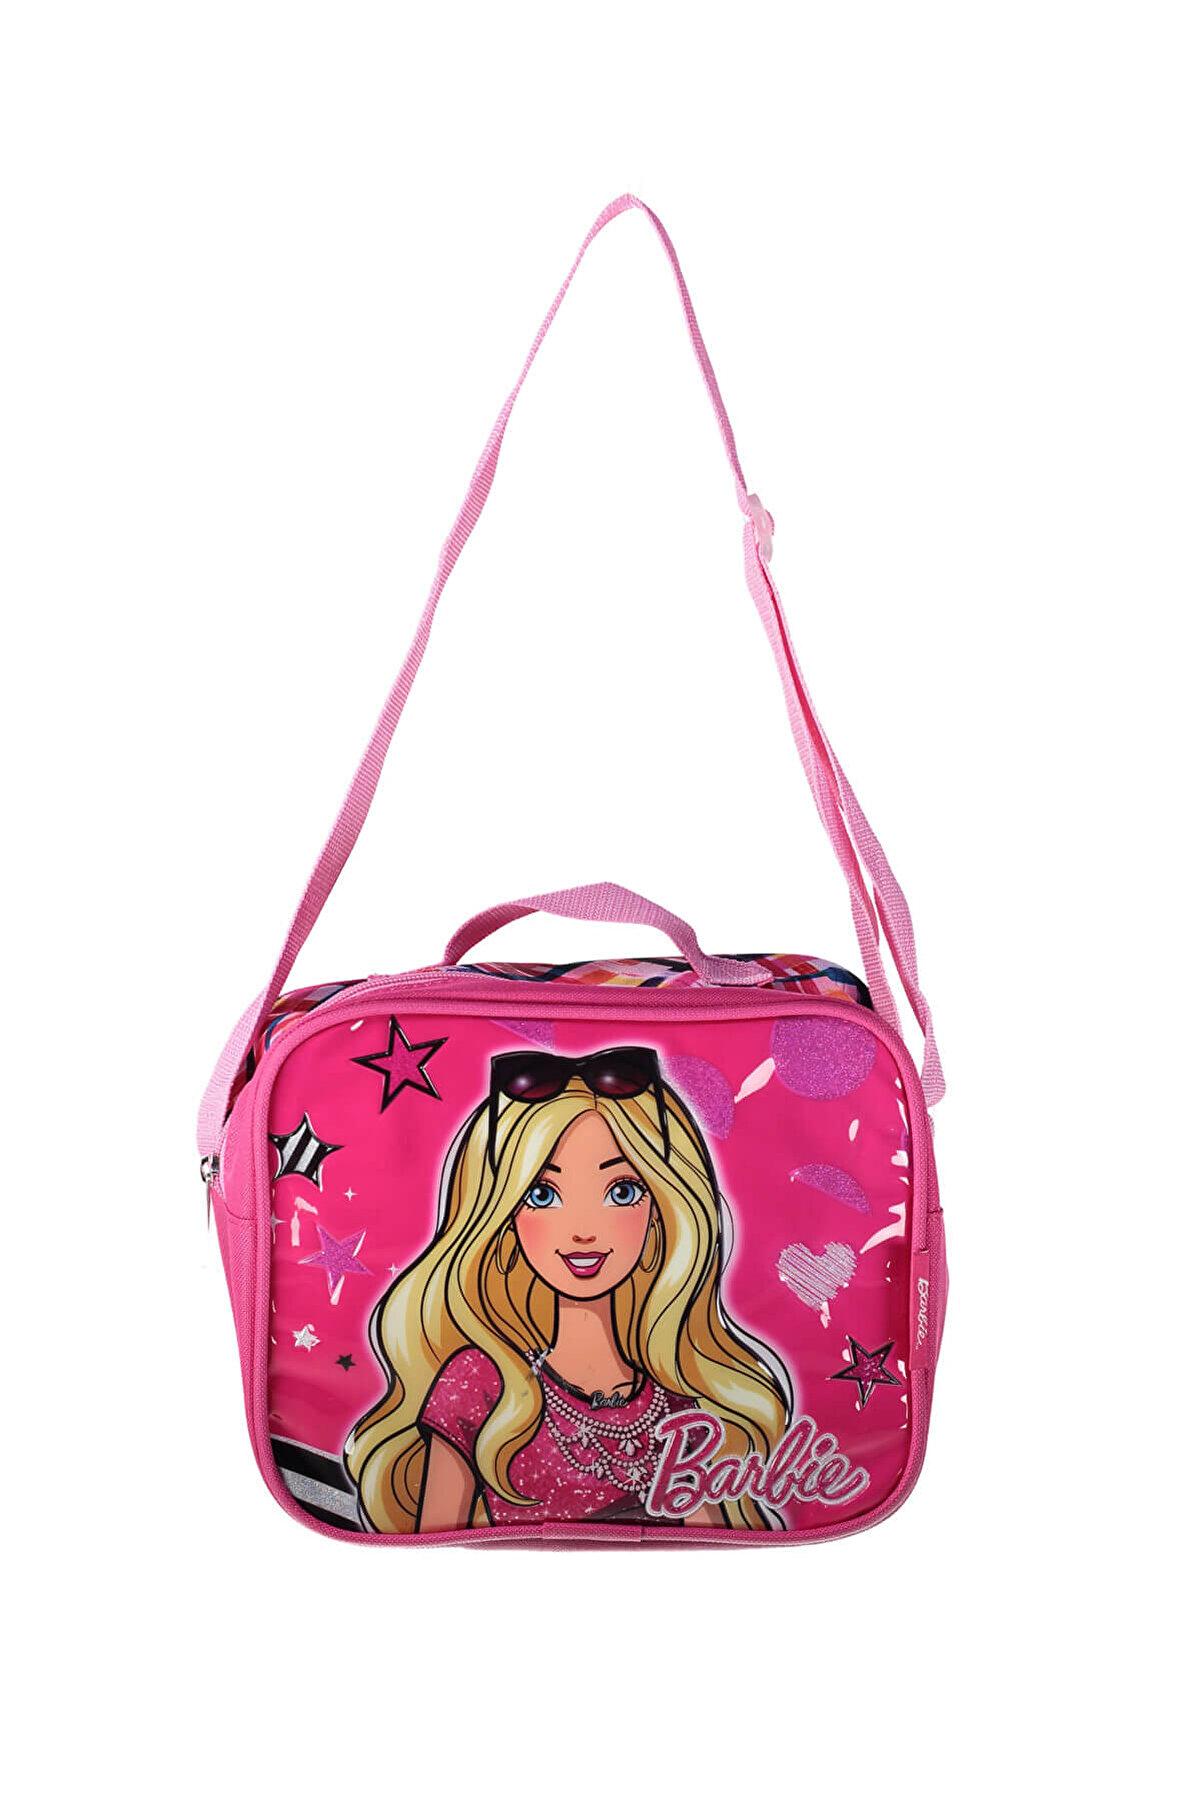 Barbie Kız Çocuk Beslenme Çantası 95564